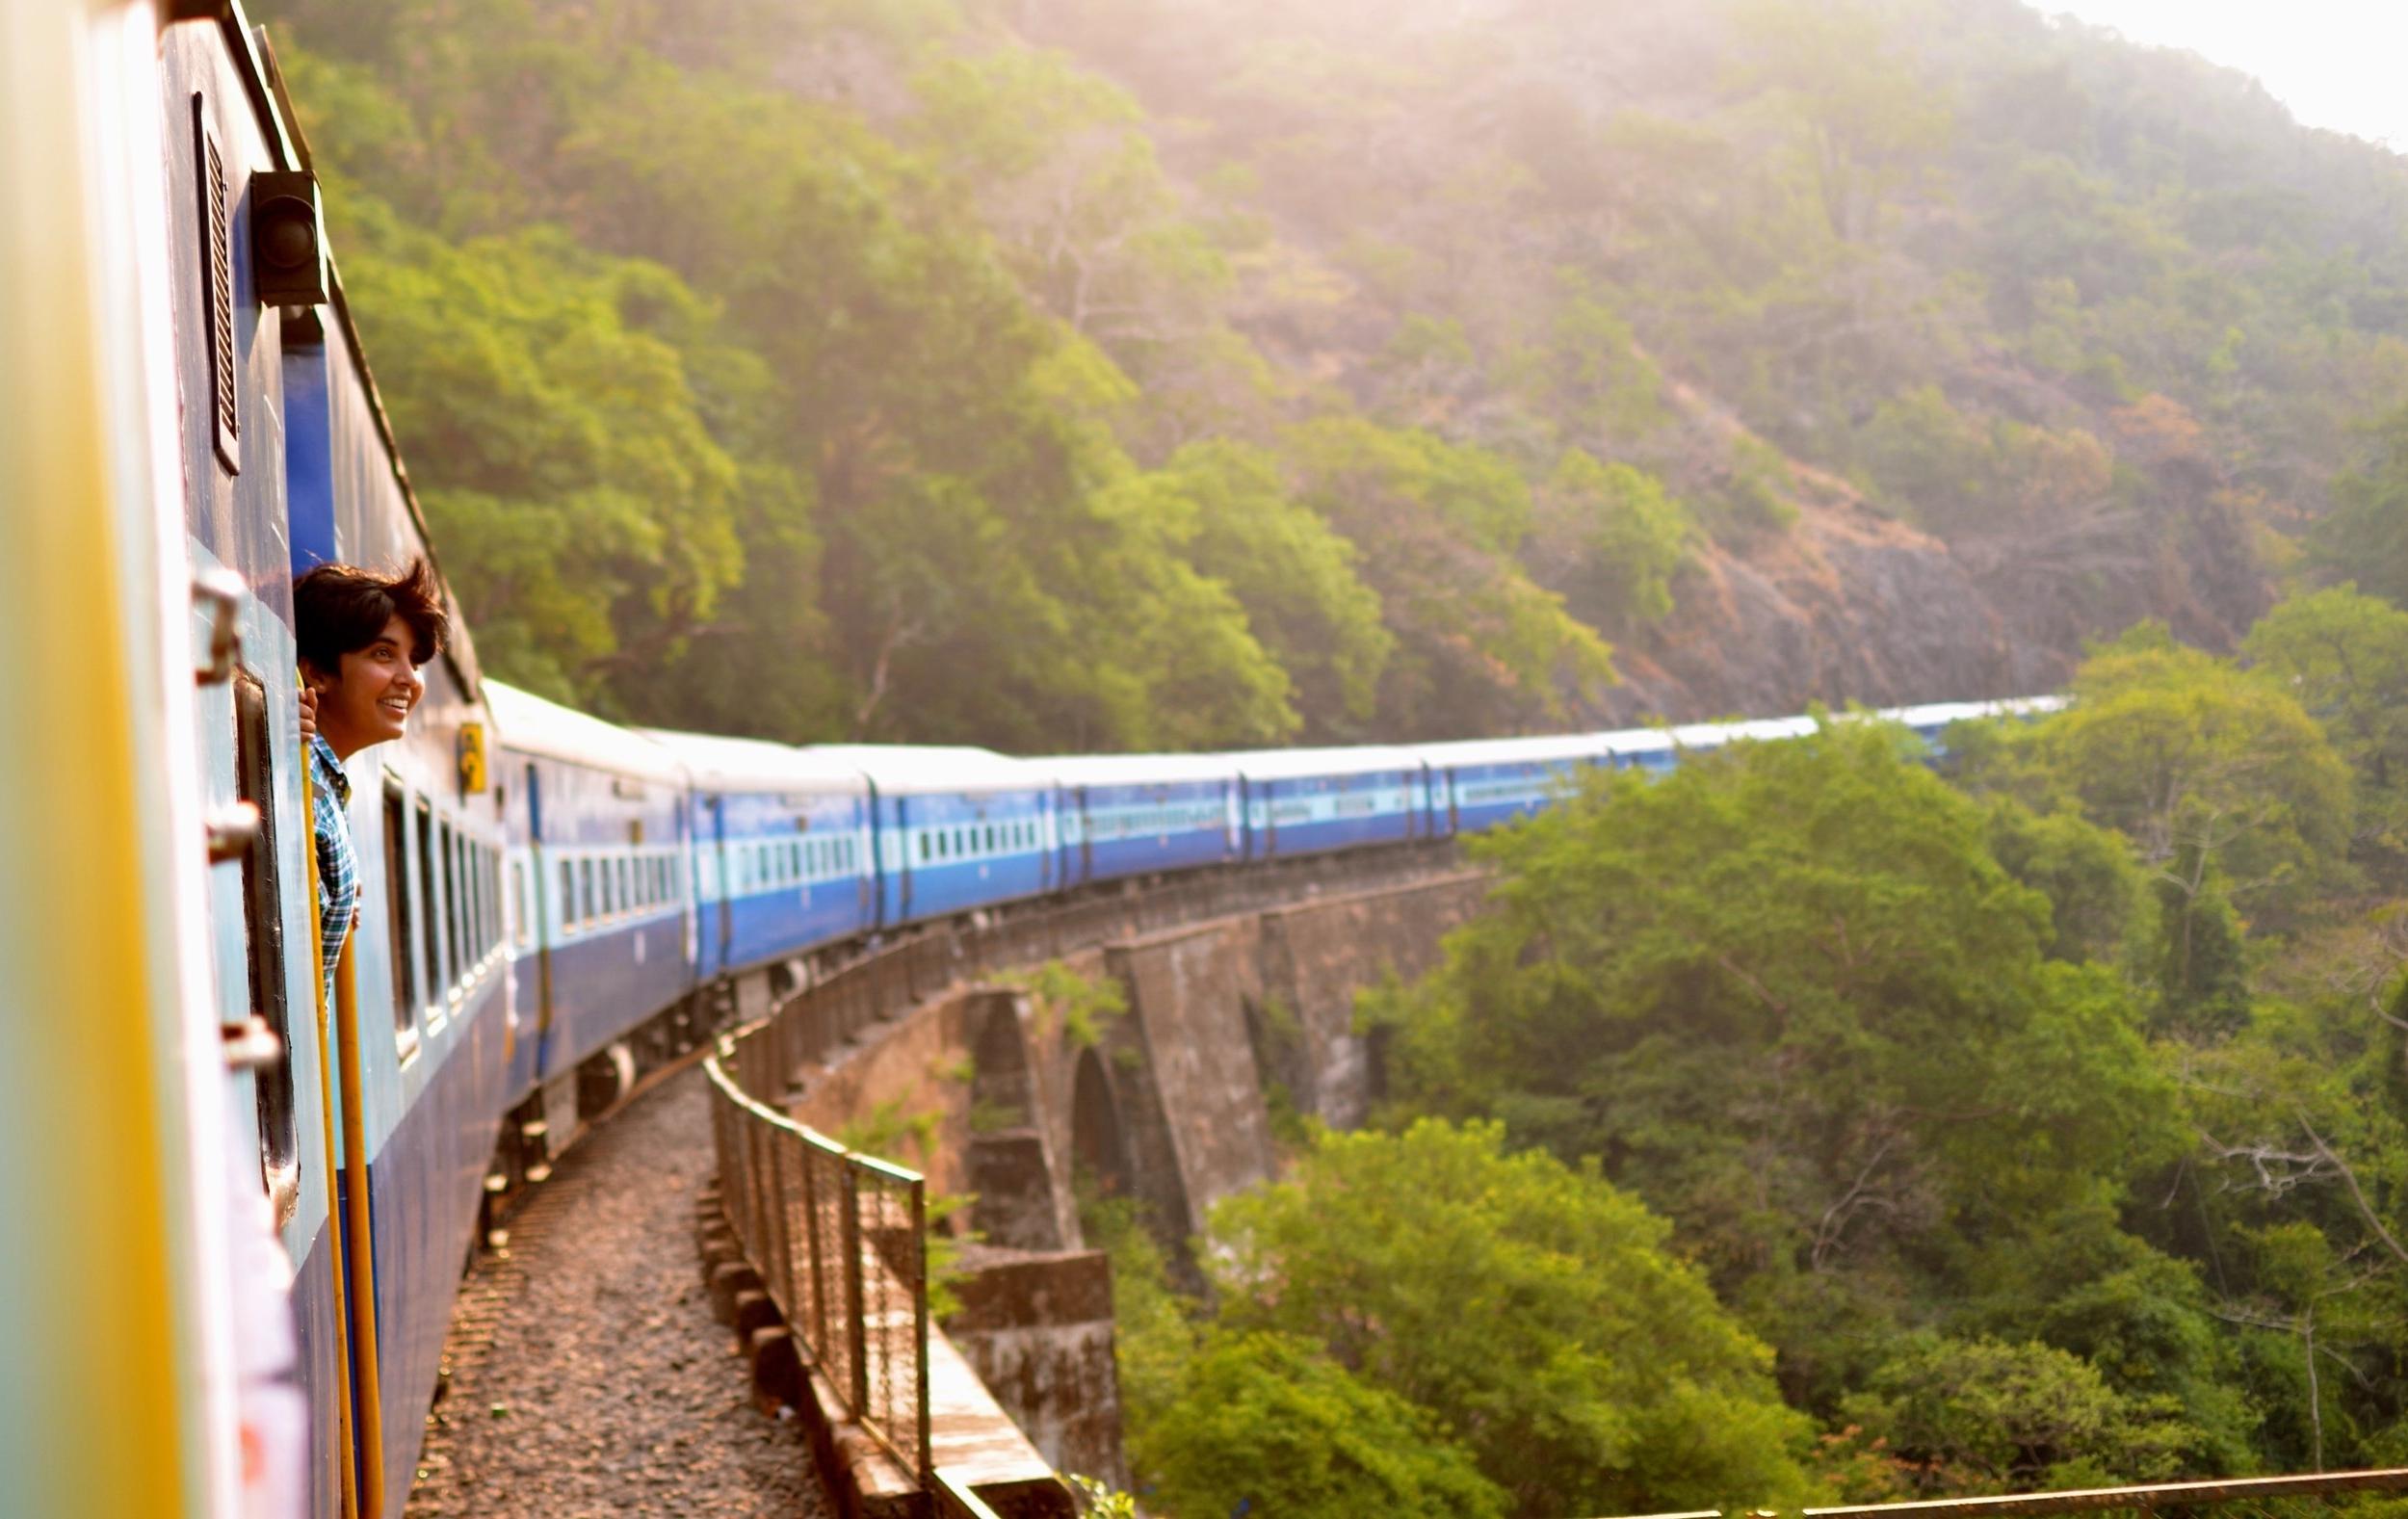 TrainHils_jayakumar-ananthan-35135.jpg